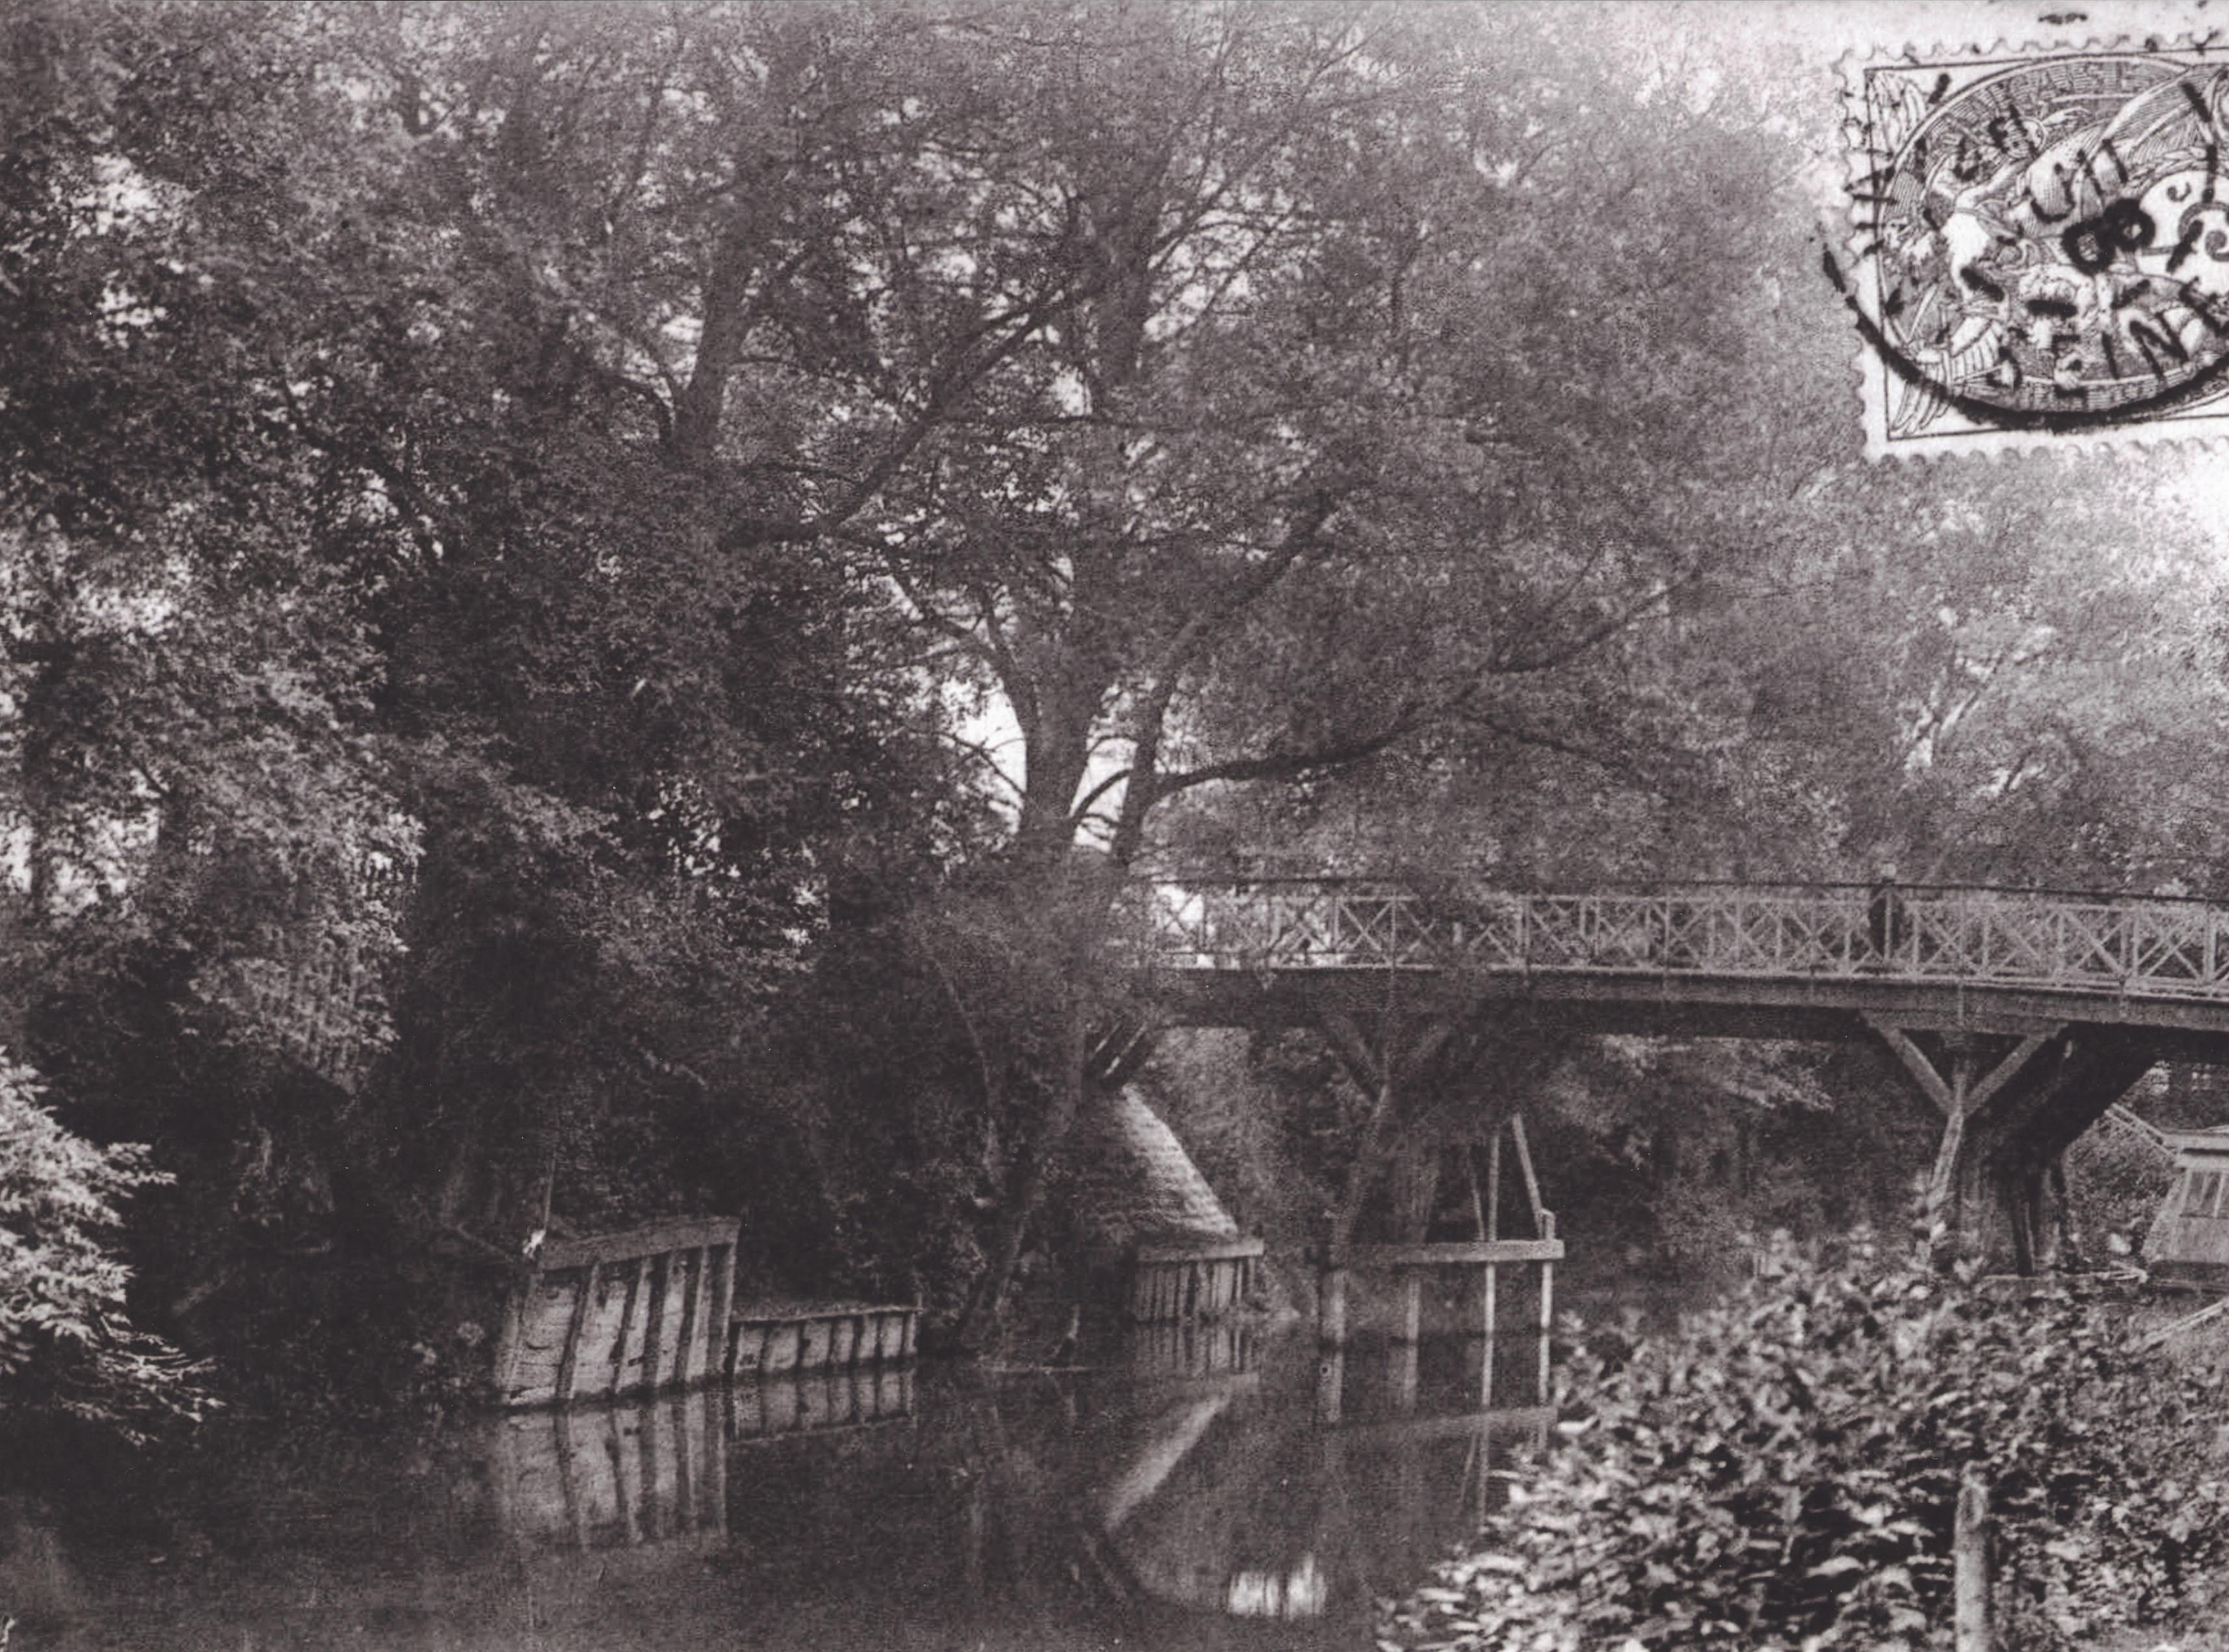 le pont de l le machefer saint maur des foss s 1892 1894 r725 fwn282 soci t cezanne. Black Bedroom Furniture Sets. Home Design Ideas